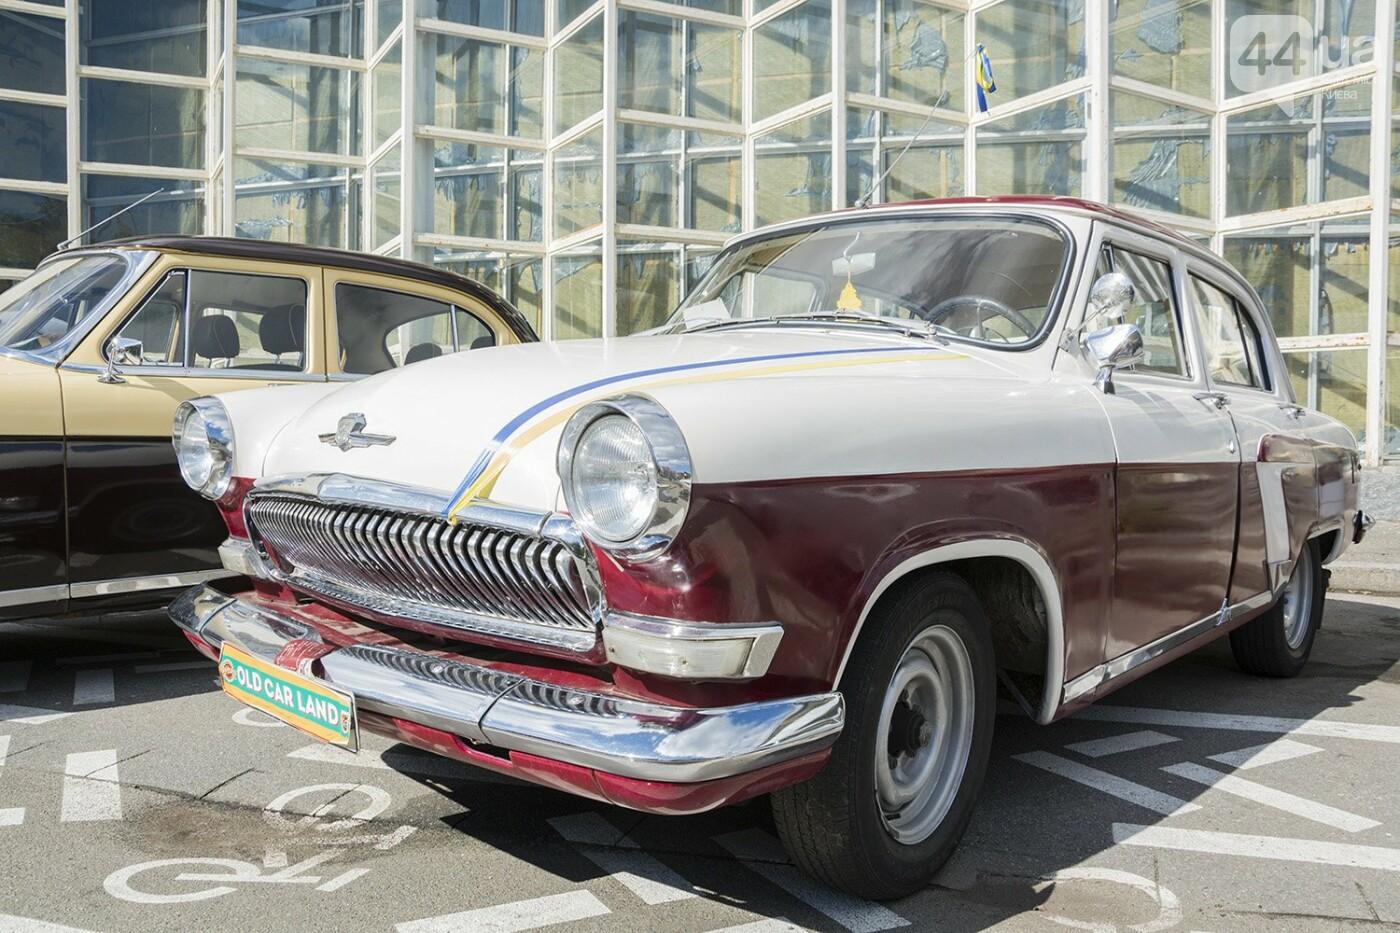 Old Car Land-2018: как прошел крупнейший автомобильный ретро-фестиваль Украины, - ФОТО, ВИДЕО, фото-18